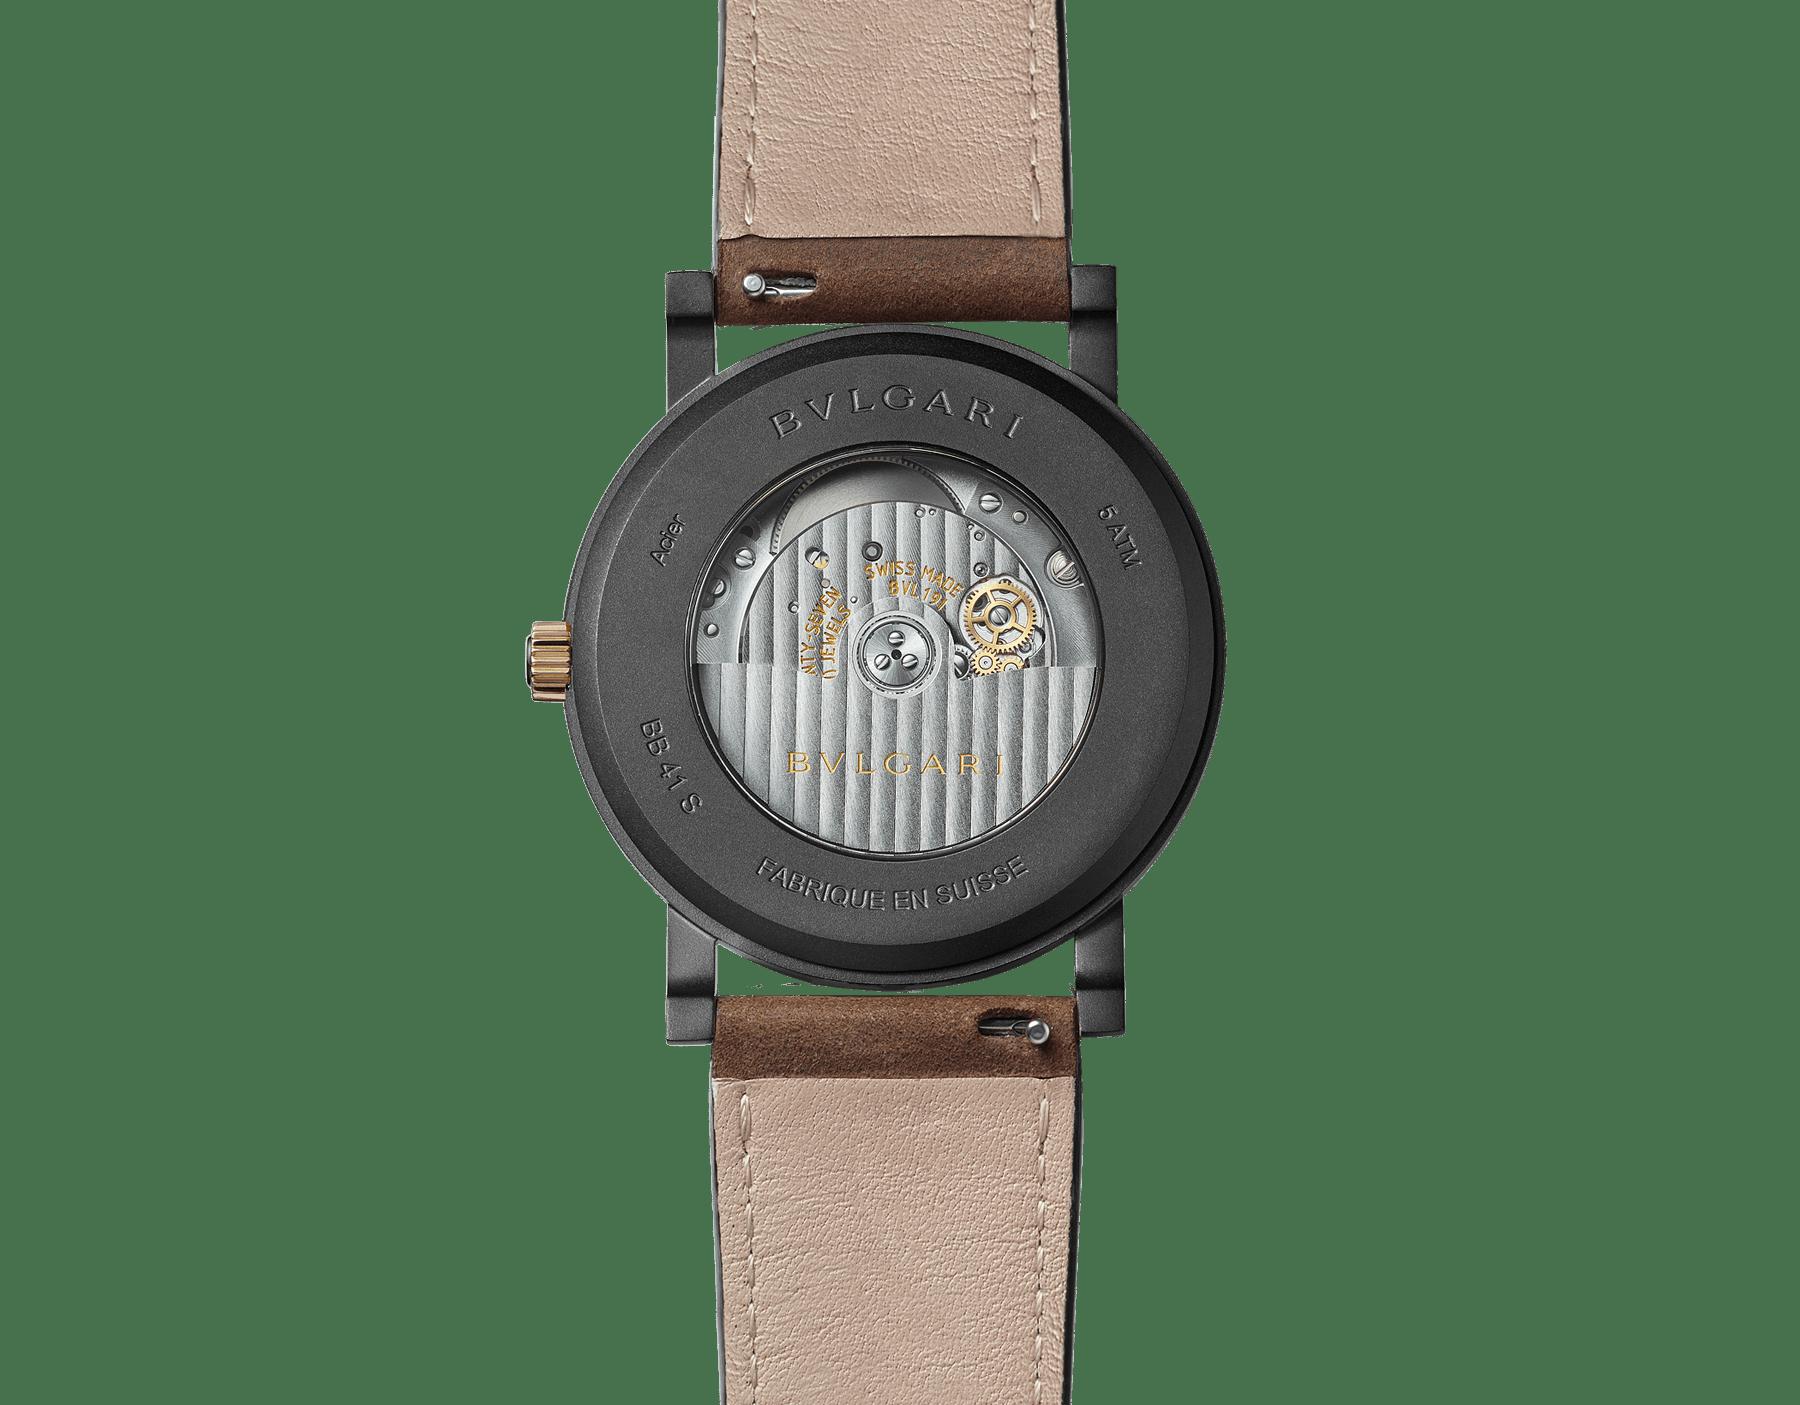 """ساعة """"بولغري بولغري سيتيز سبيشل إيديشن، DUBAI"""" بآلية حركة ميكانيكية مصنّعة من قبل بولغري، تعبئة أوتوماتيكية، آلية BVL 191.، علبة الساعة من الفولاذ المعالج بالكربون الأسود الشبيه بالألماس مع نقش """"BVLGARI DUBAI"""" على إطار الساعة، غطاء خلفي شفاف، ميناء مطلي بالمينا الأسود الخشن ومؤشرات الساعة من الذهب الوردي، سوار من جلد العجل البني، وسوار قابل للتبديل من المطاط الأسود. 103225 image 6"""